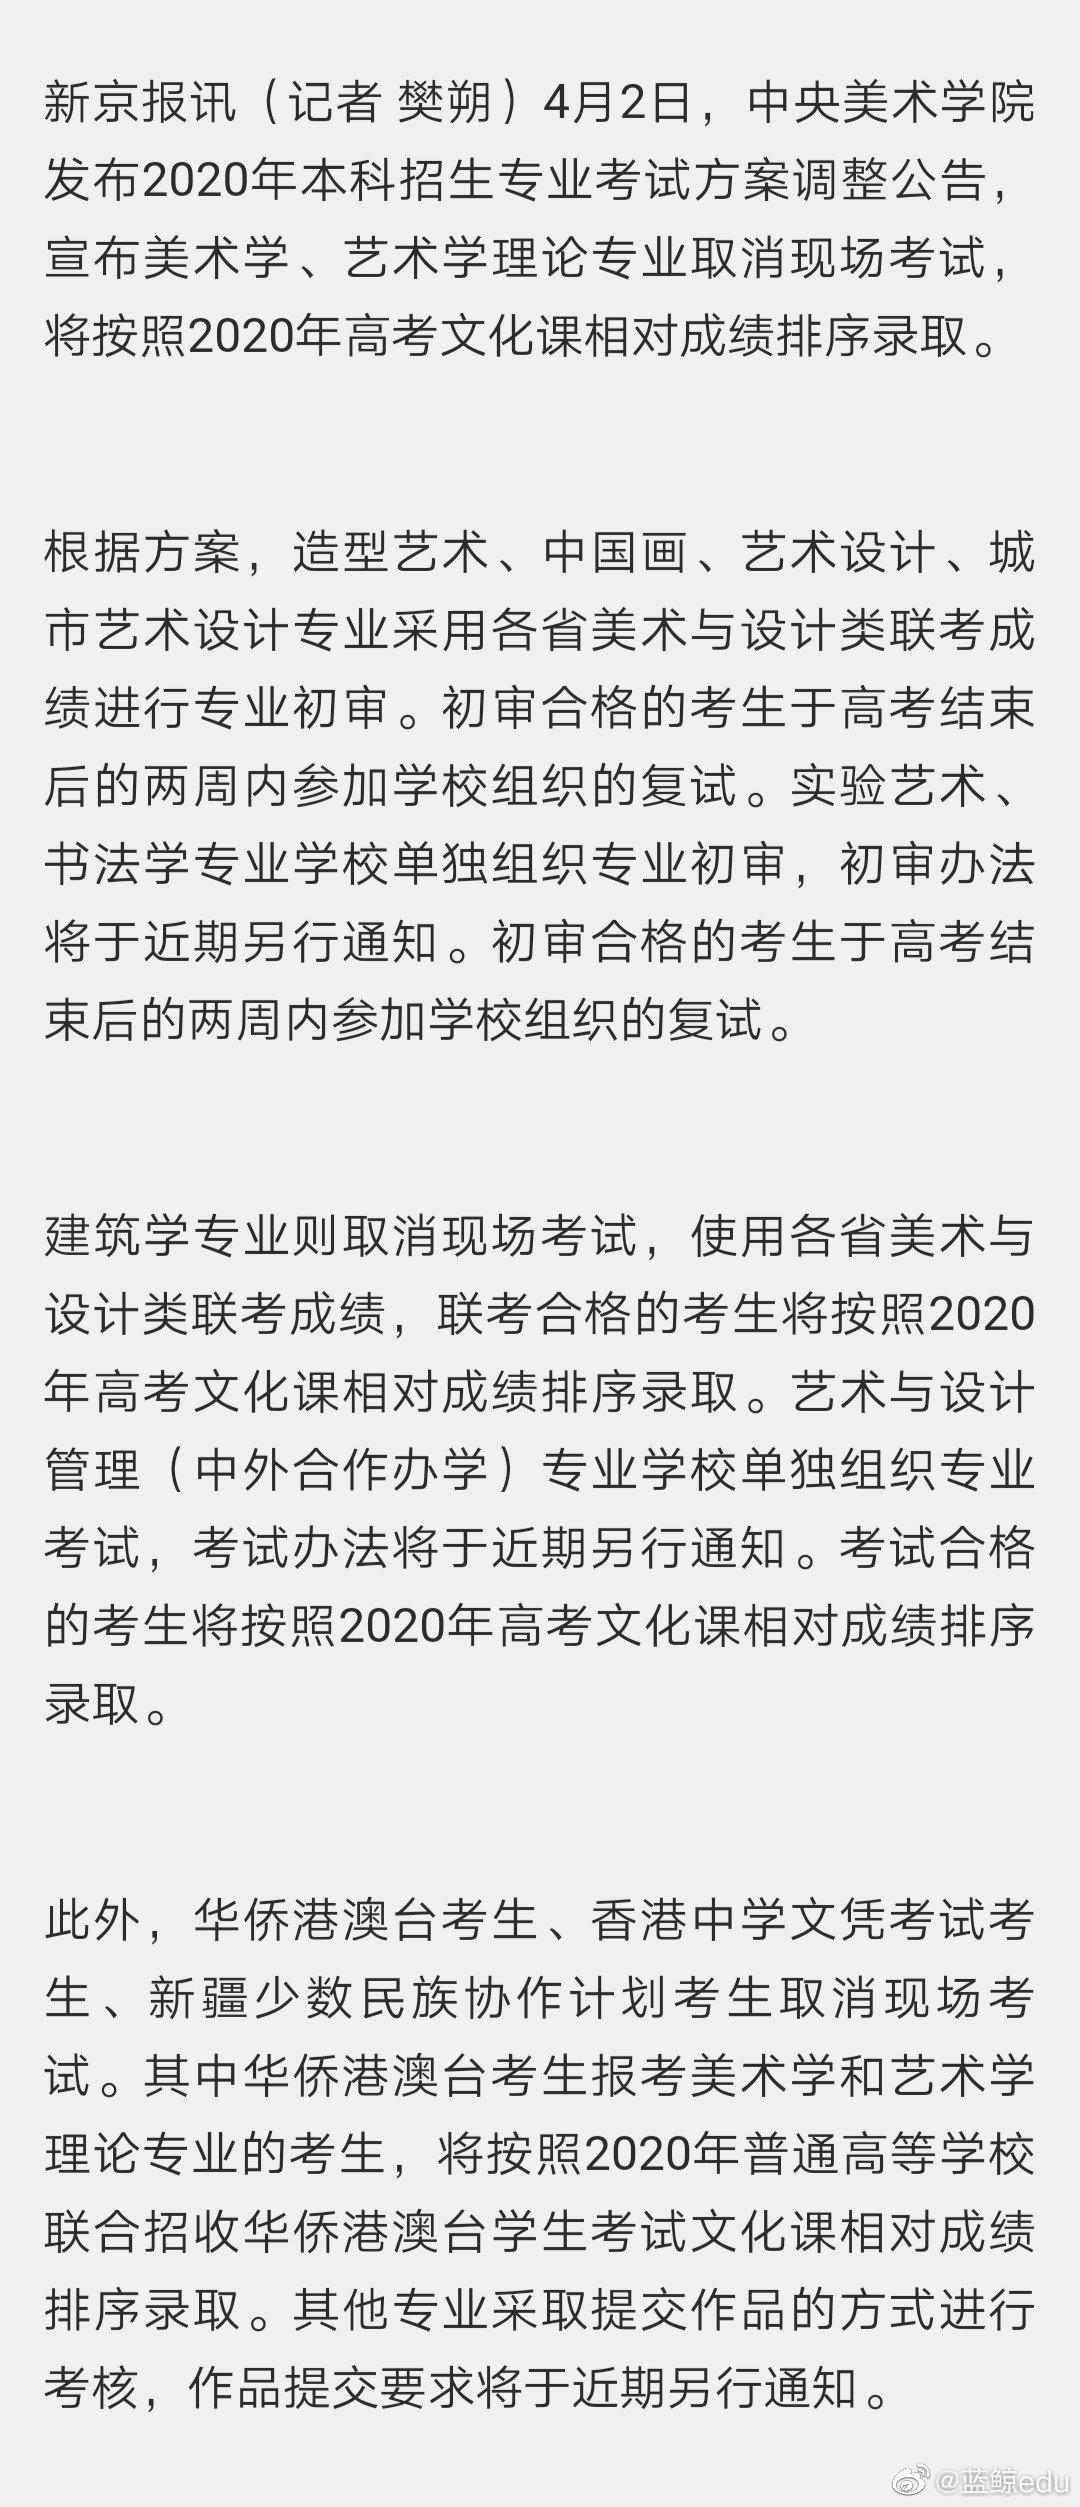 中央美术学院发布艺考调整方案,部分专业按高考成绩录取。(新京报)